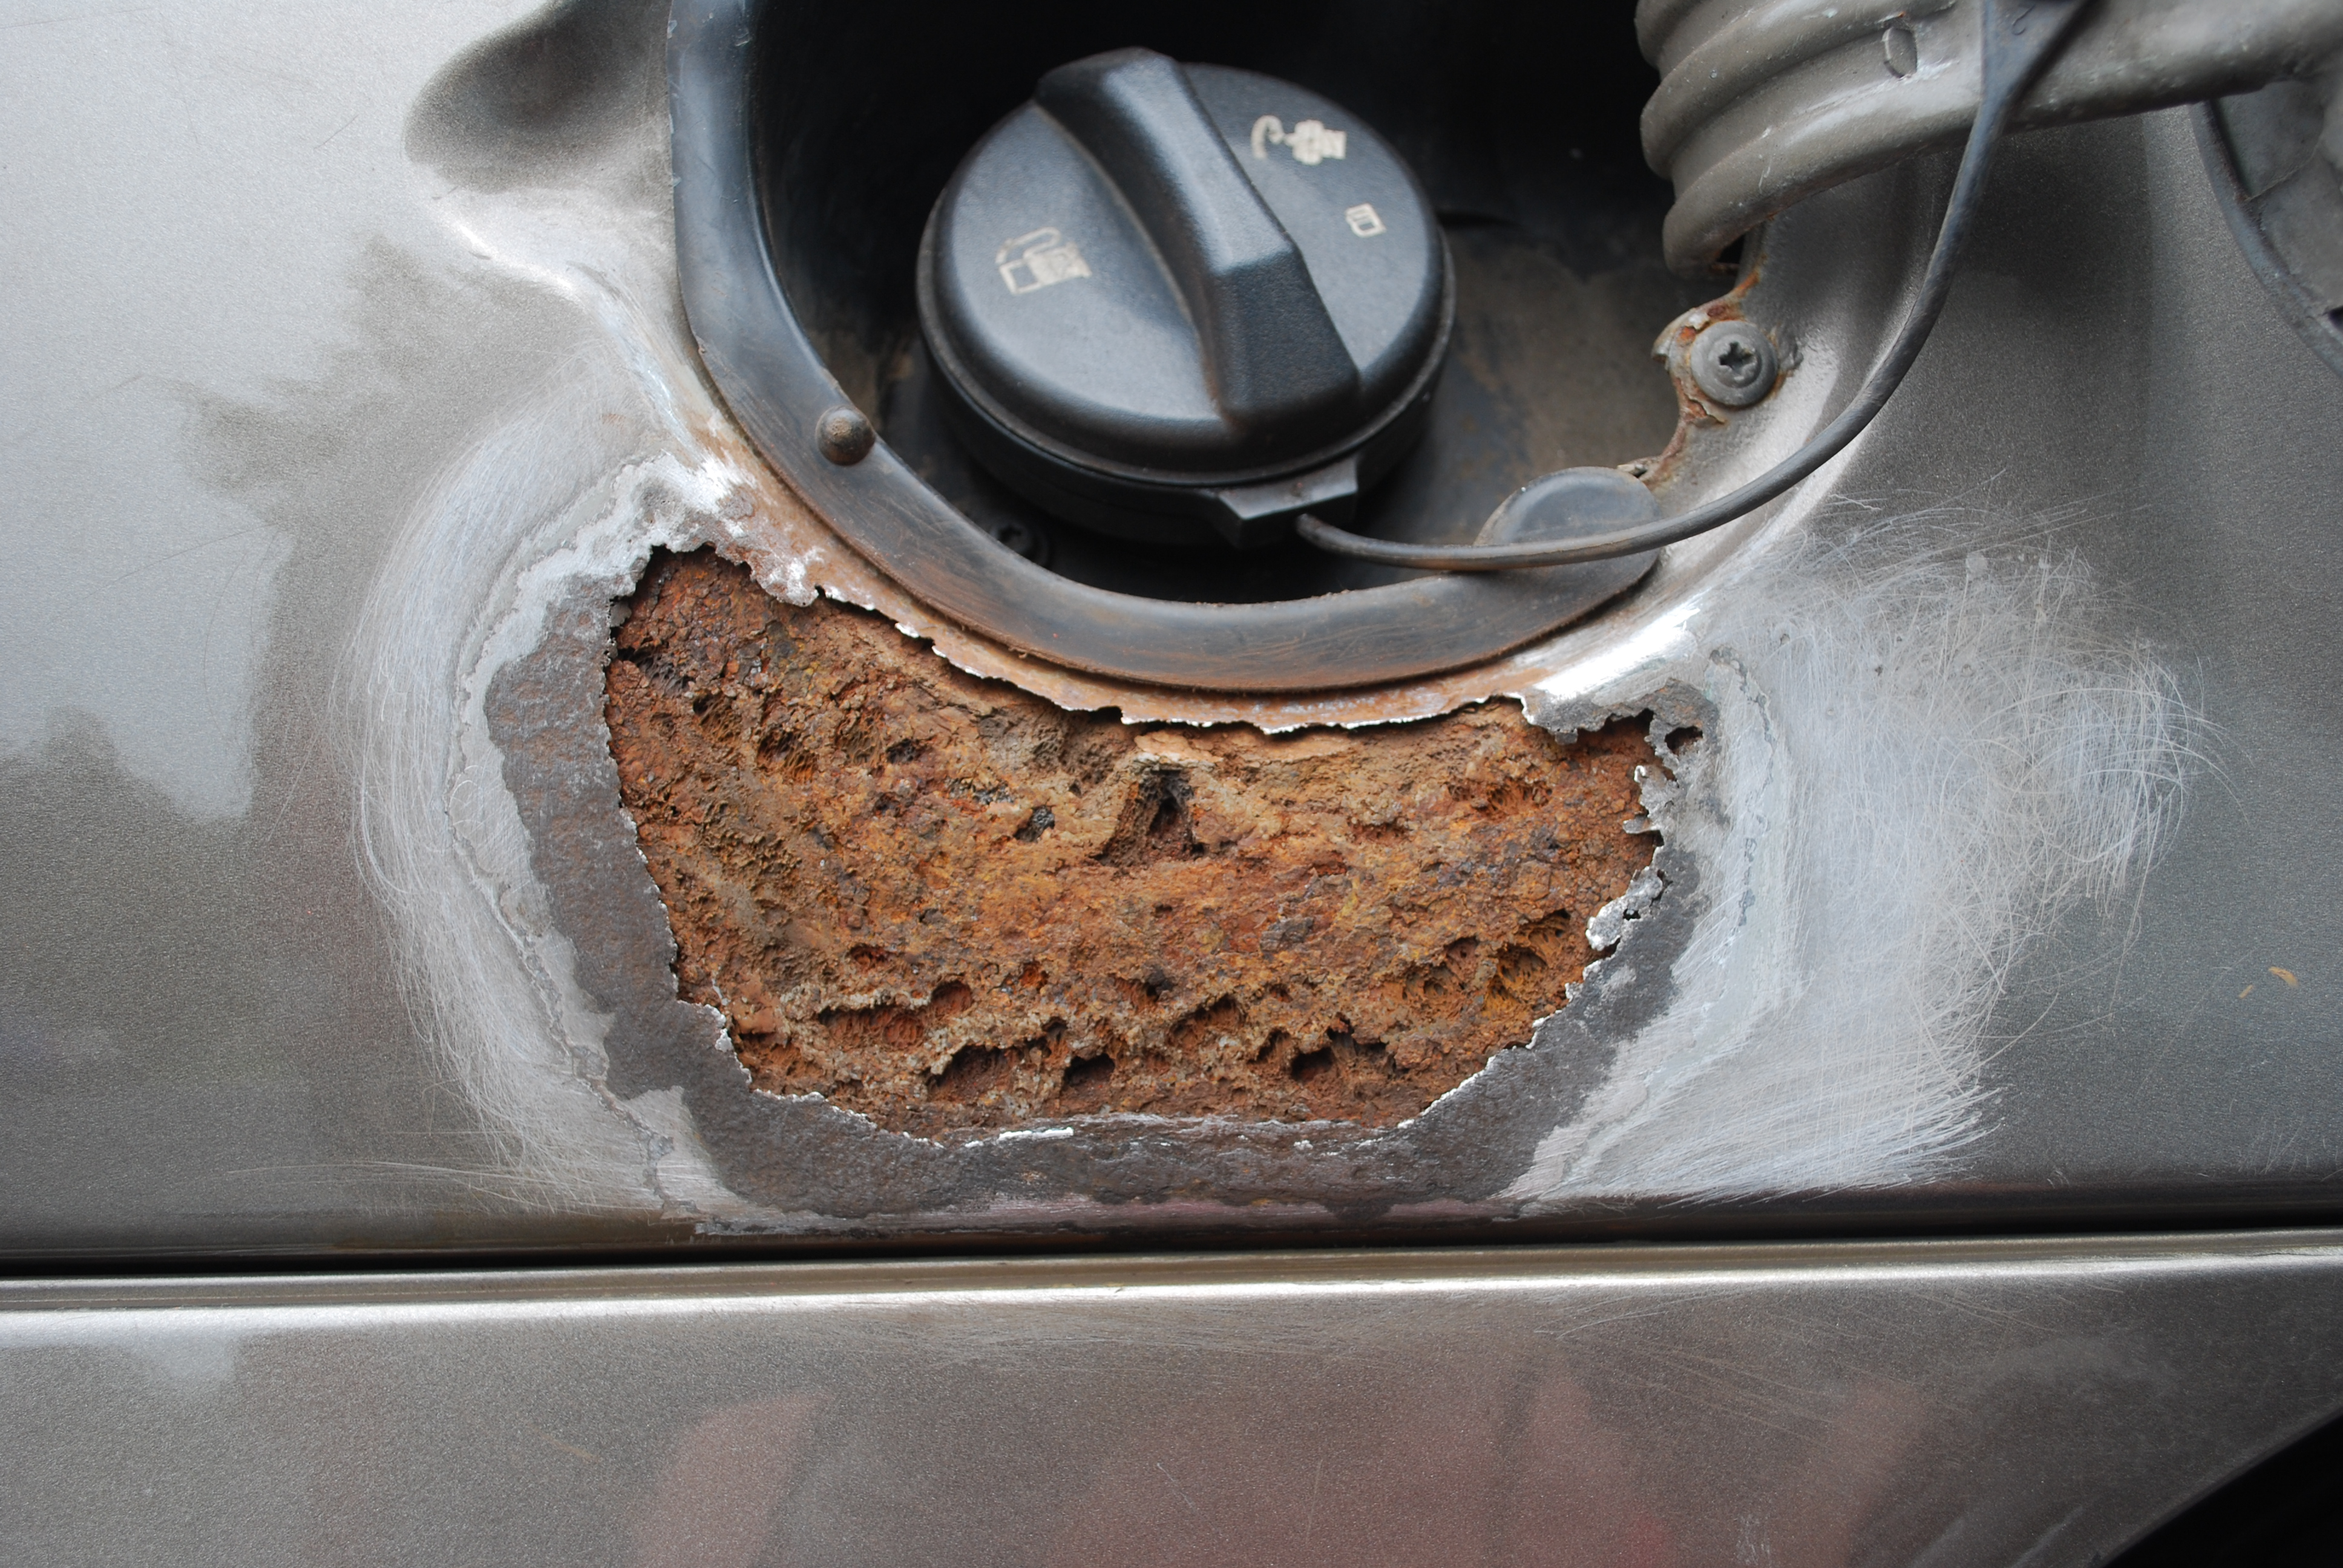 Что удаляет ржавчину с автомобиля своими руками